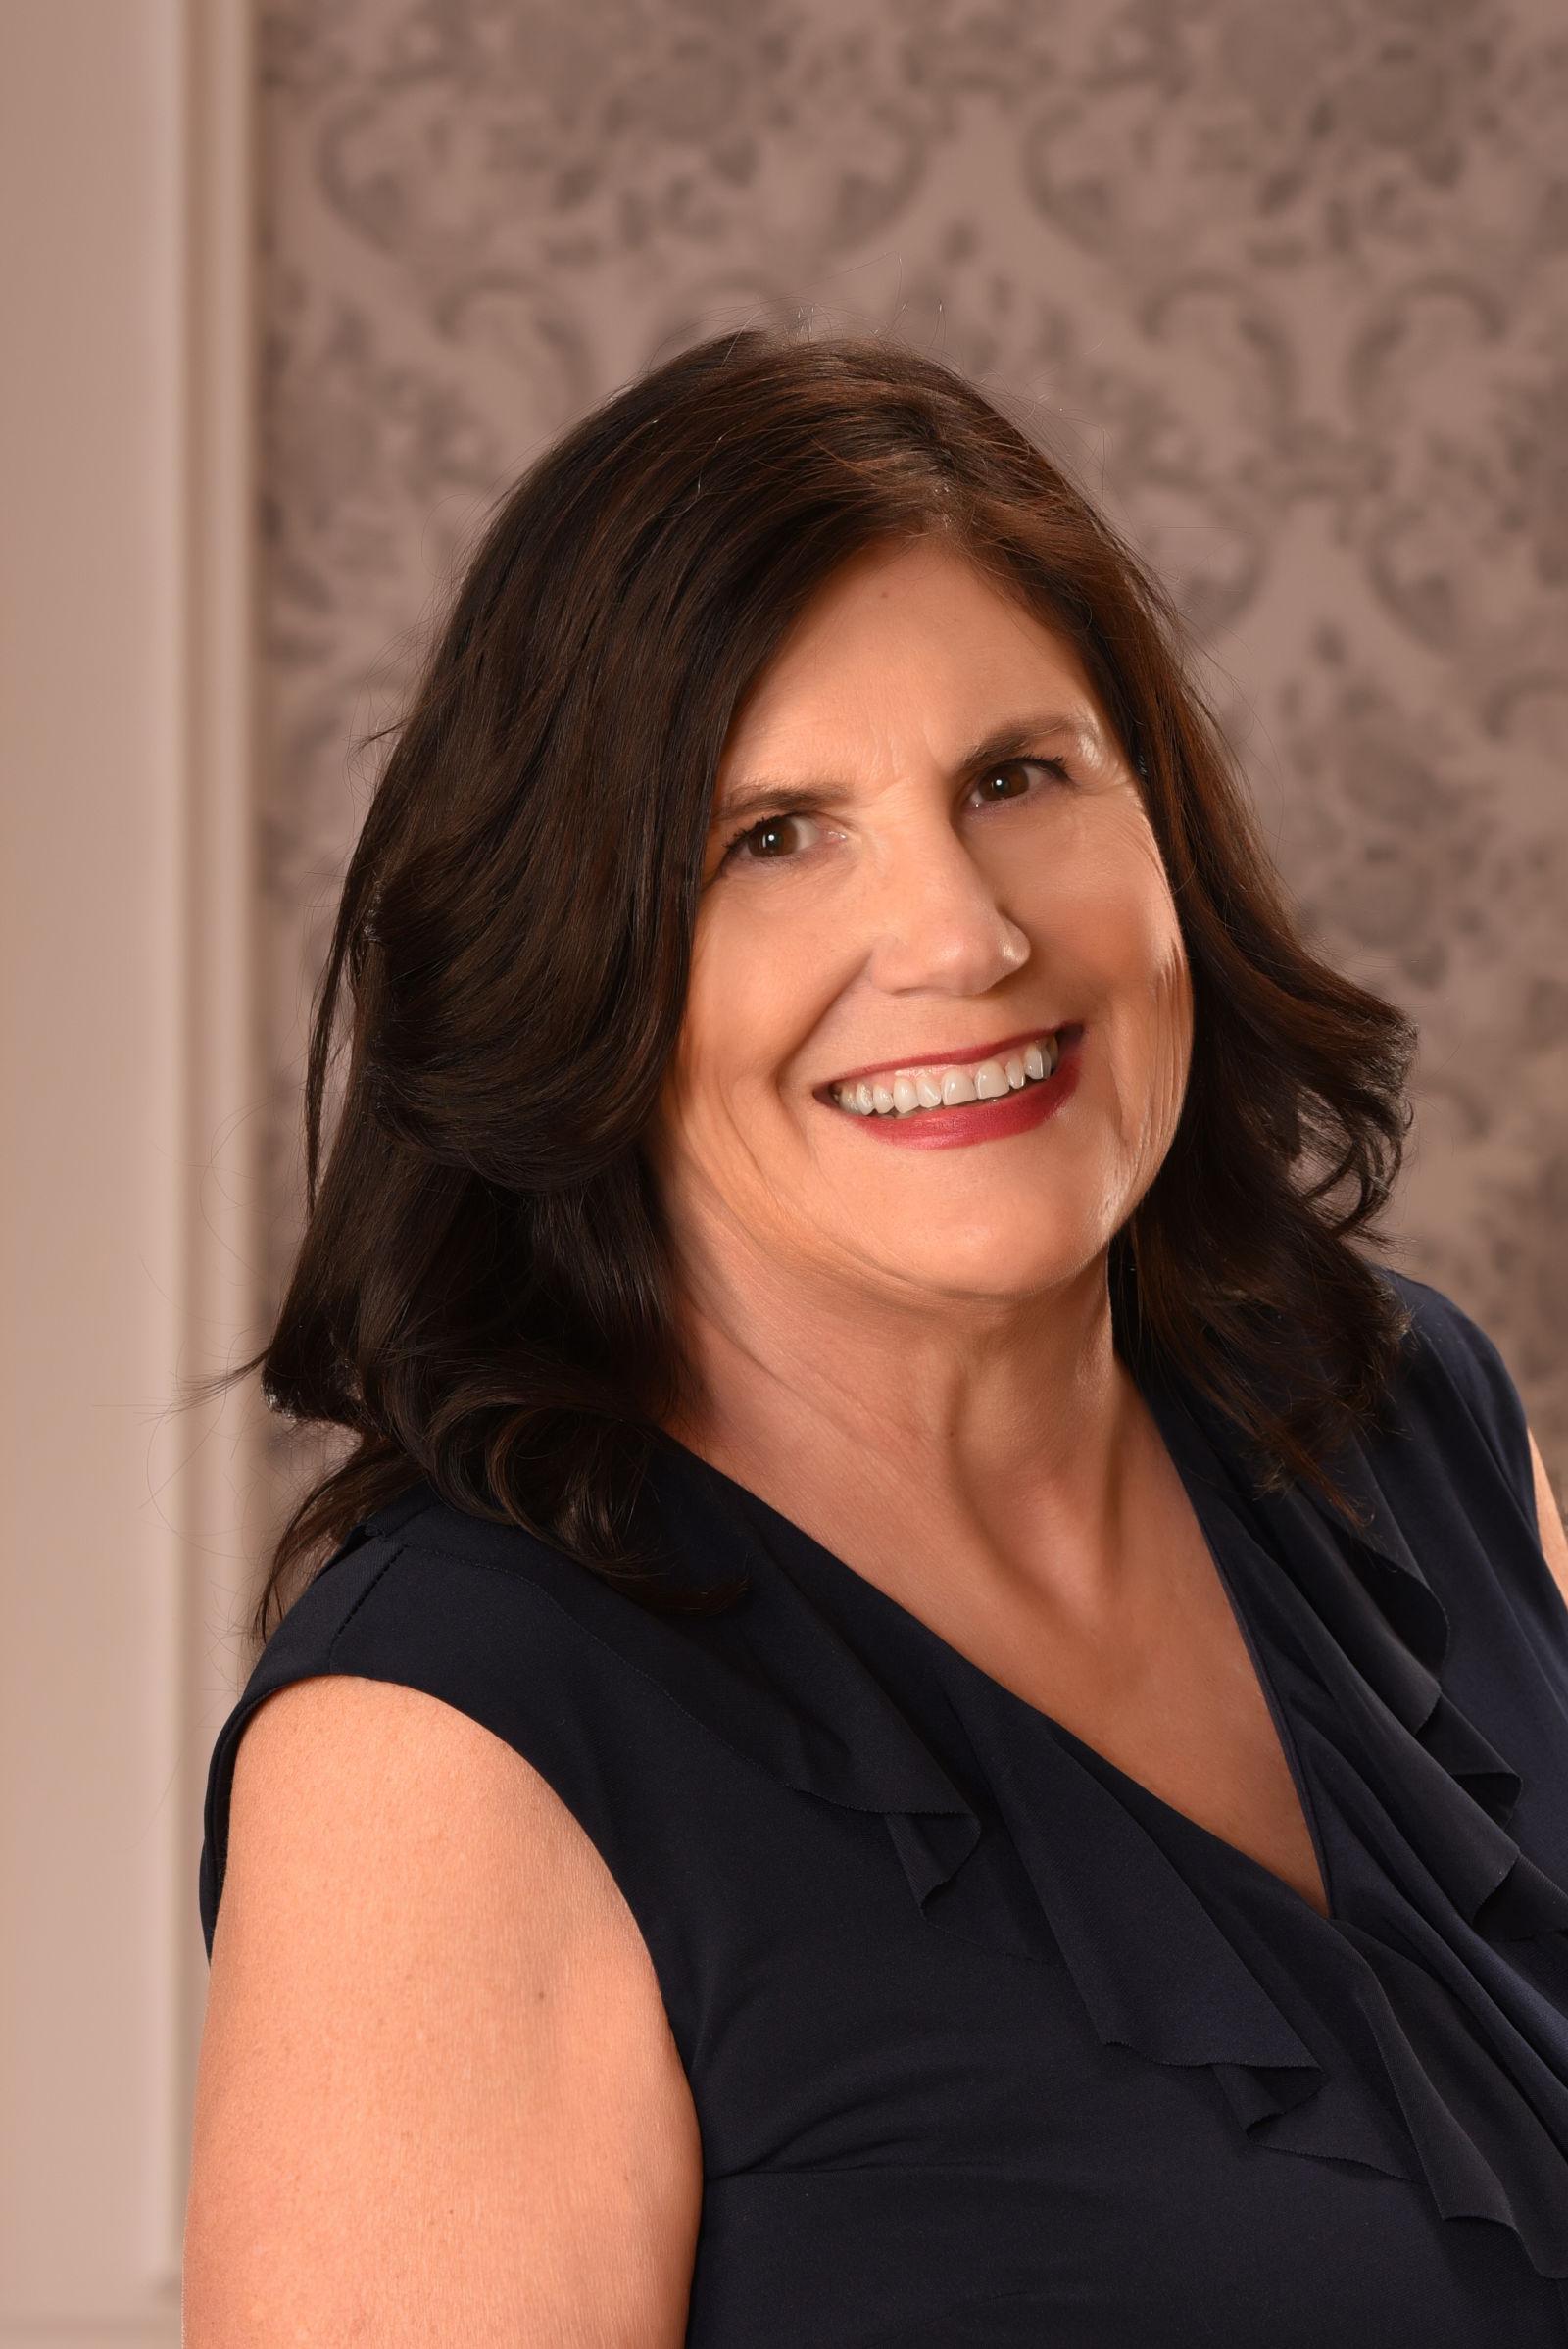 Lori, certified marriage coach